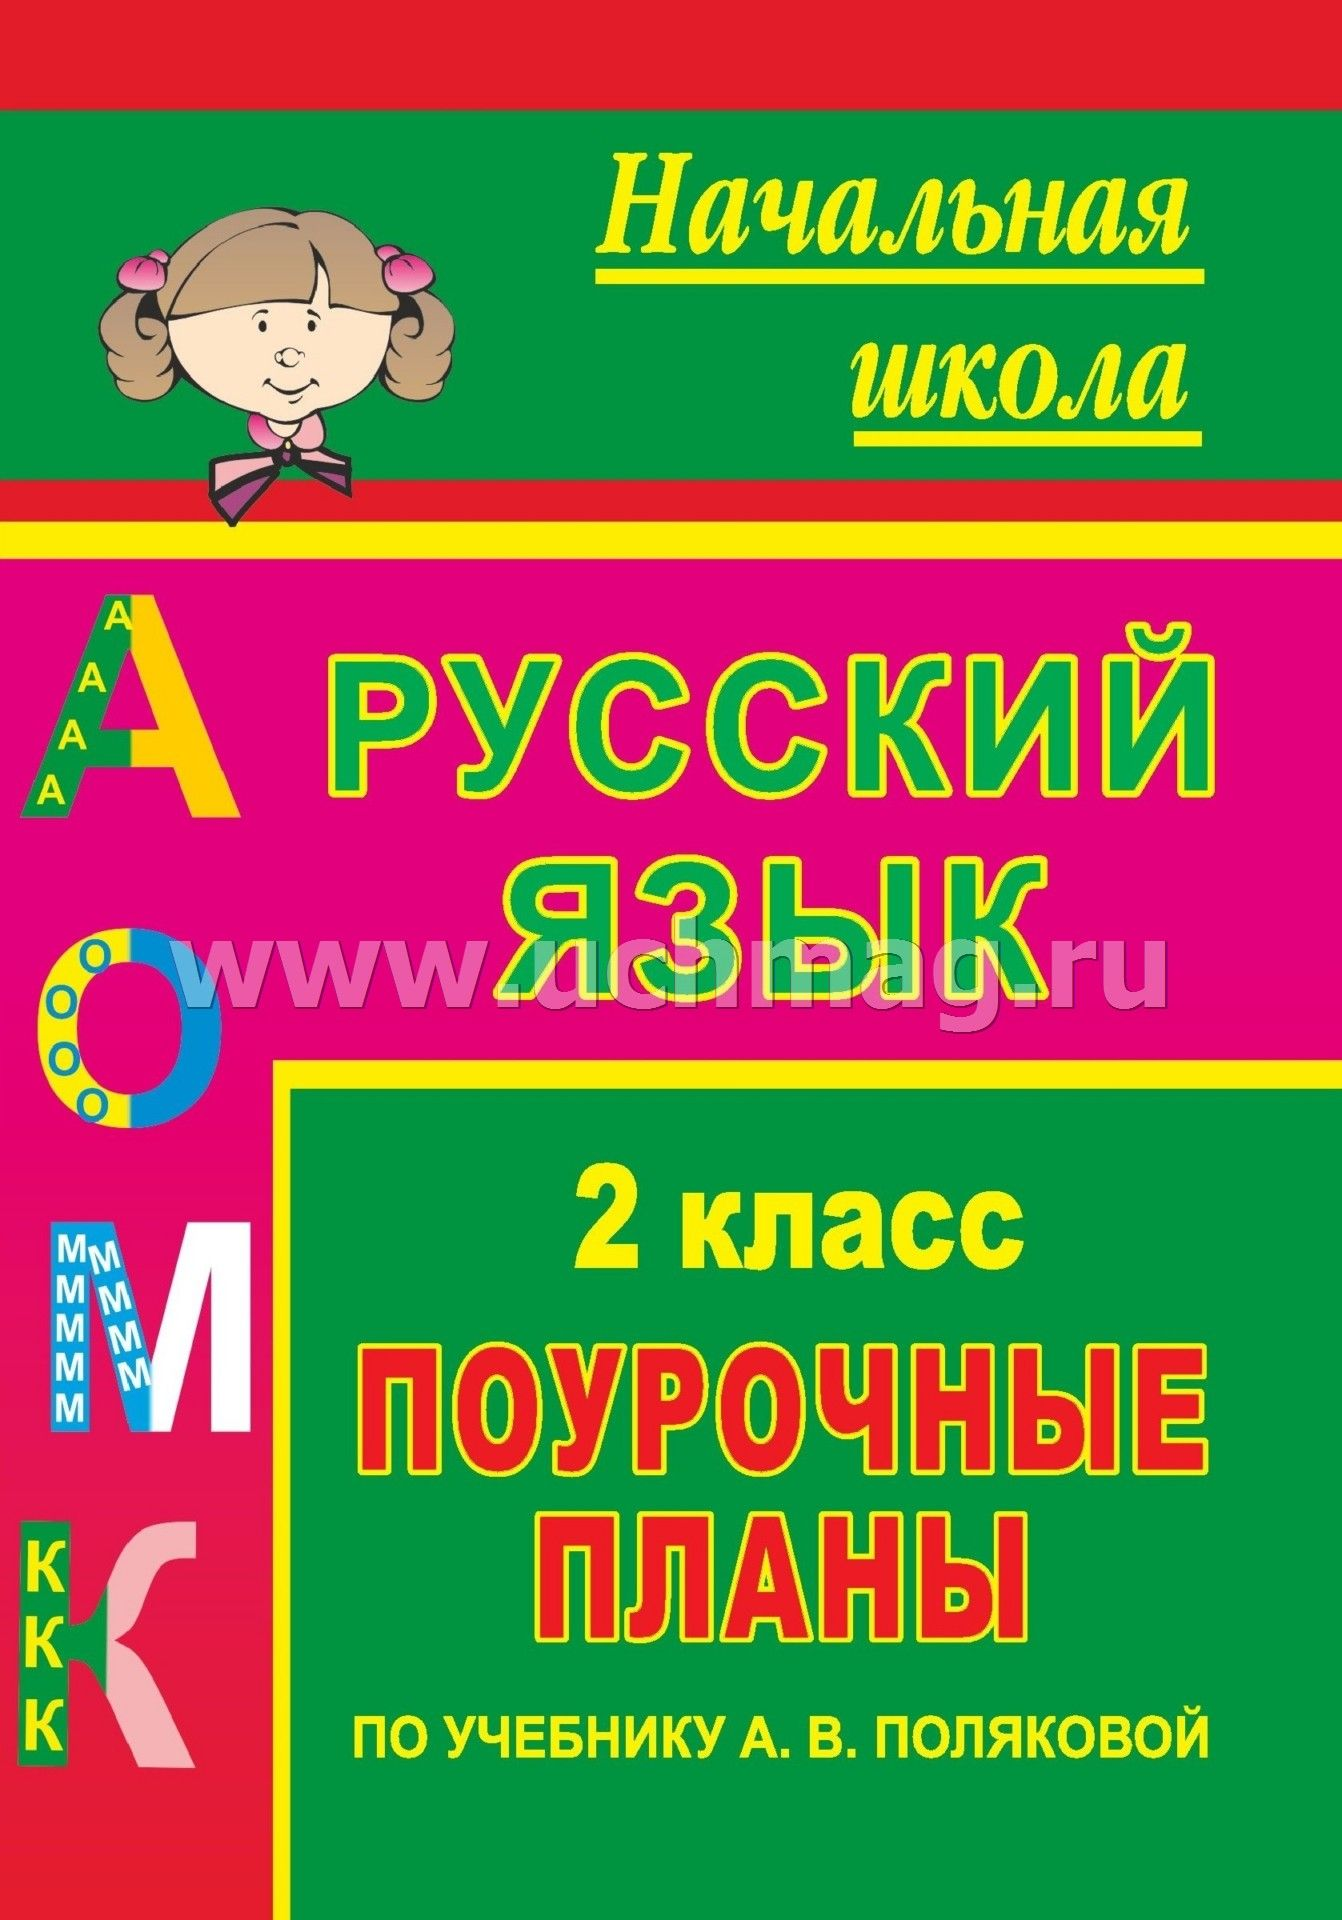 Изложение по русскому языку 4 класс рамзаева 2 четверть